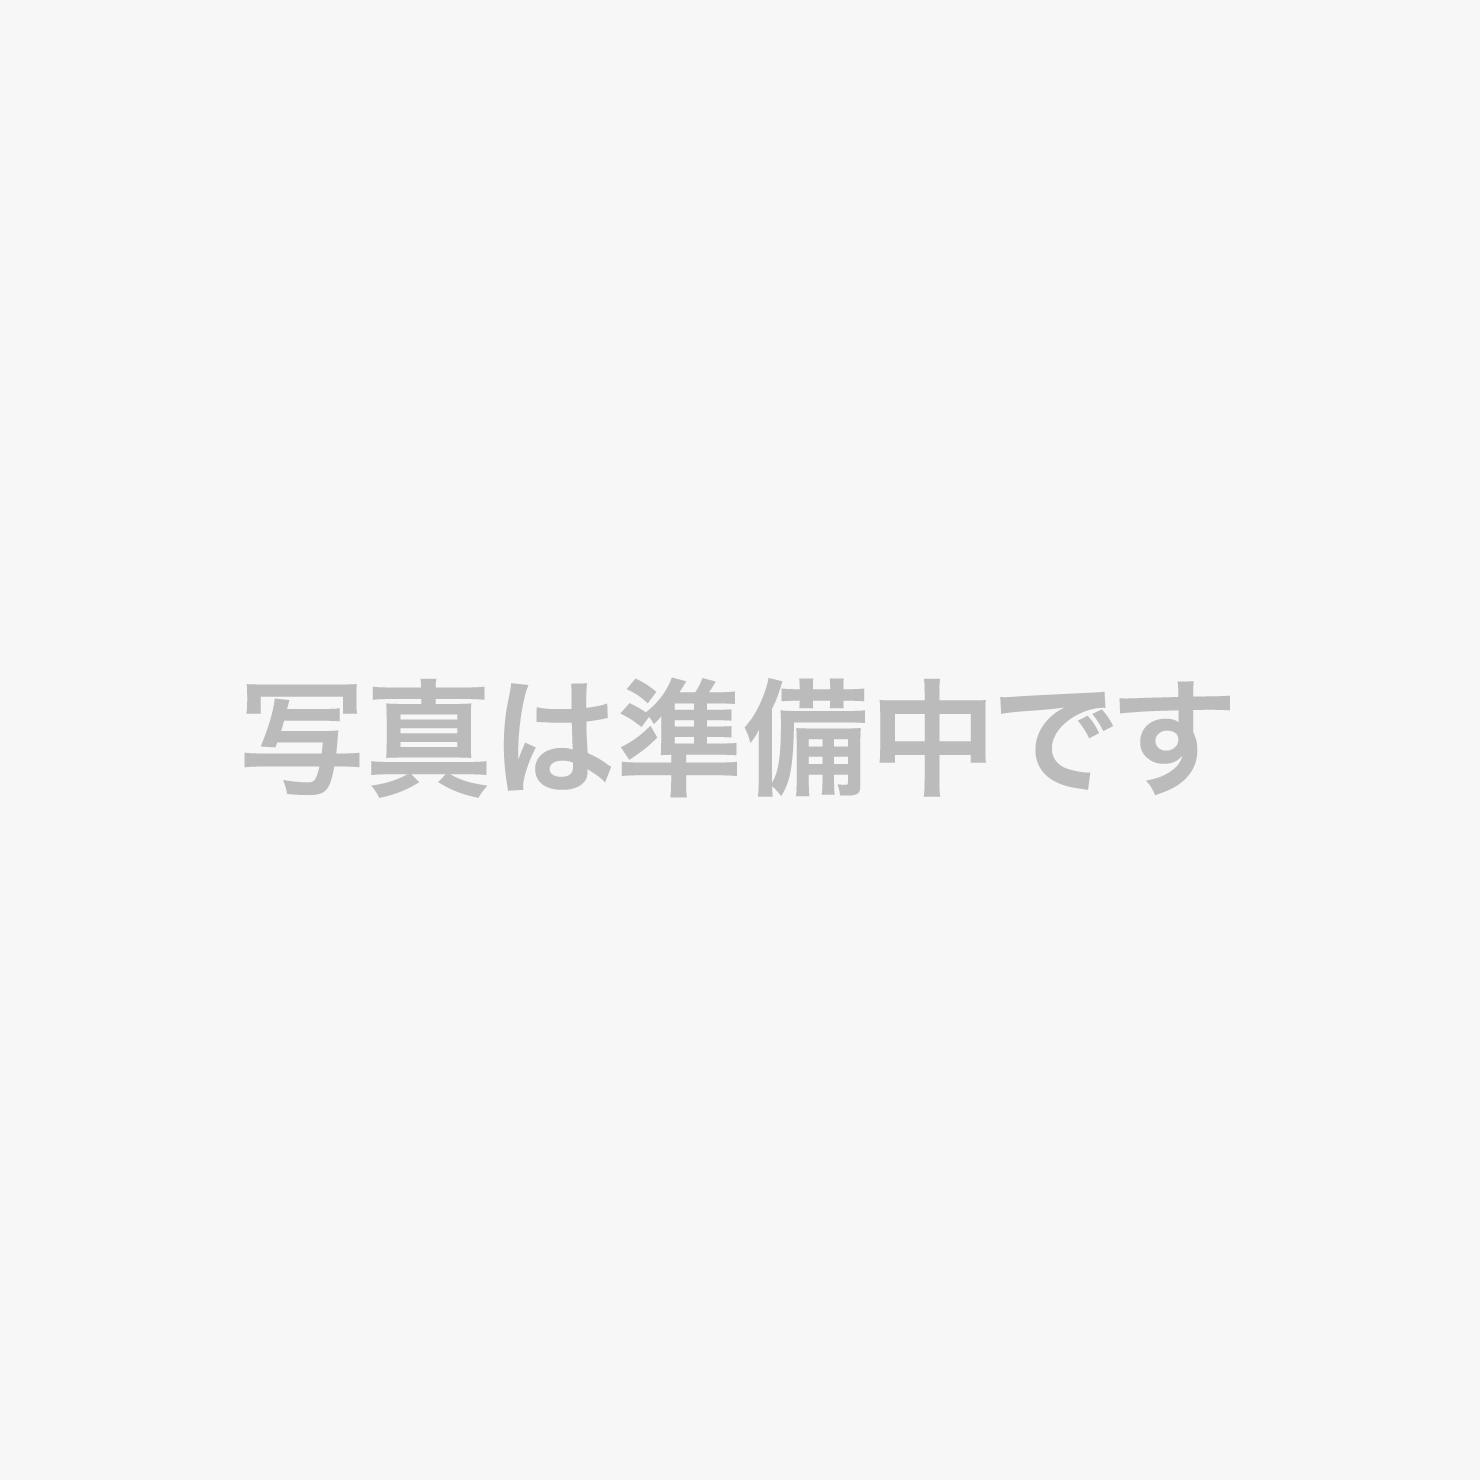 【旬の鮮魚盛り】金沢中央卸売市場をはじめとした全国有数の市場から毎朝直送しています